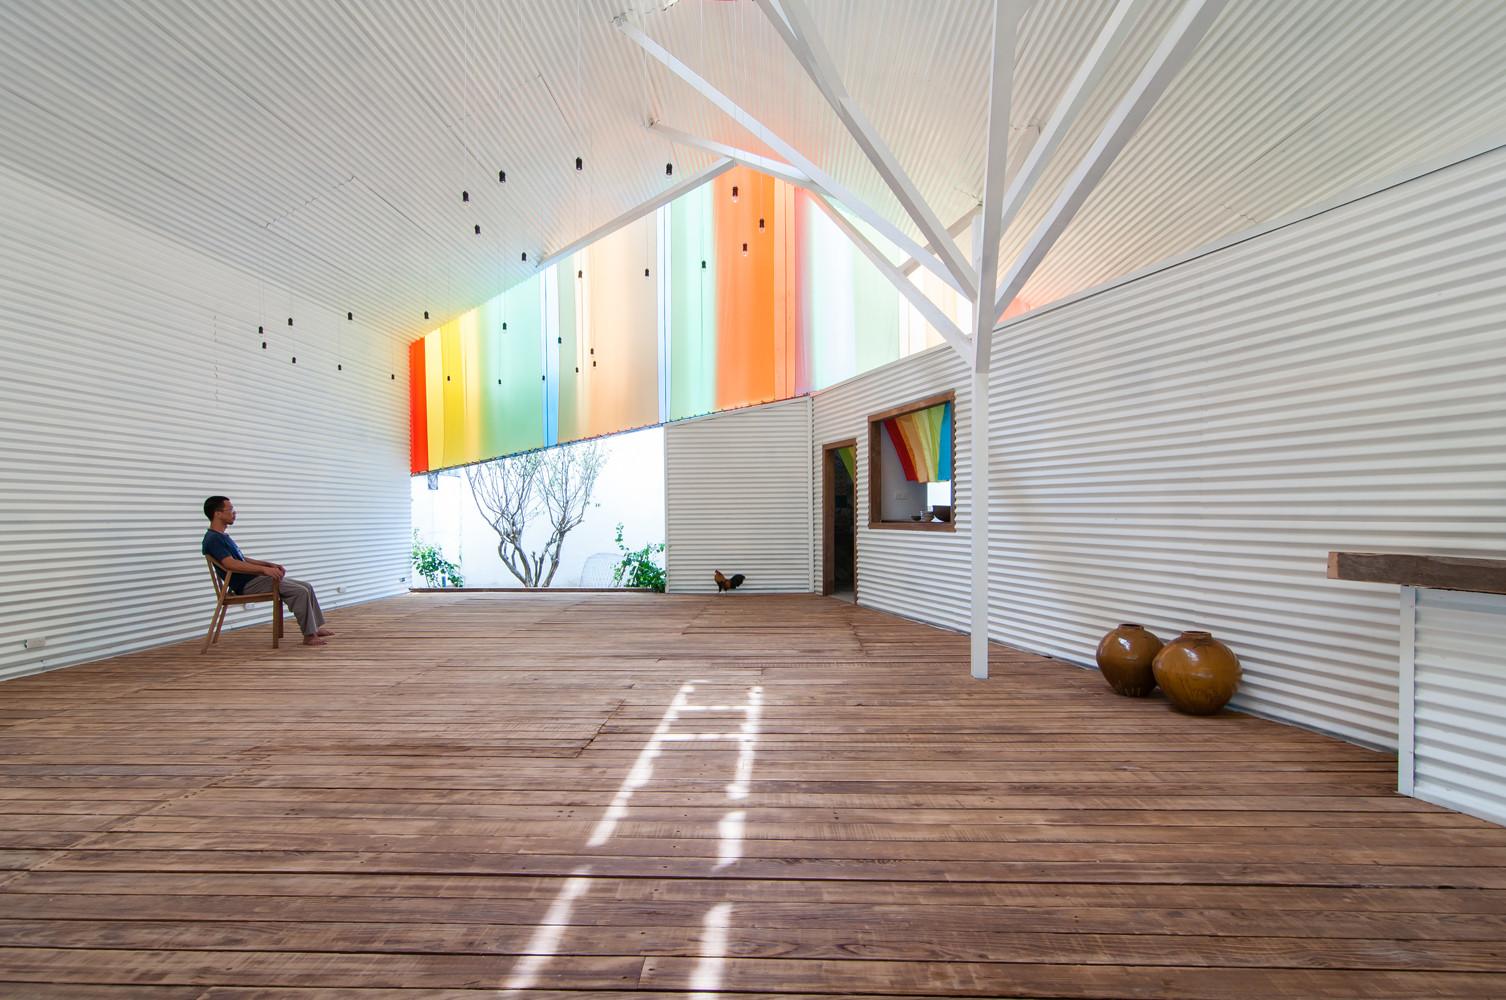 Công trình Chapel mang về cho A21 giải thưởng Công trình của năm tại Liên hoan Kiến trúc thế giới năm 2014